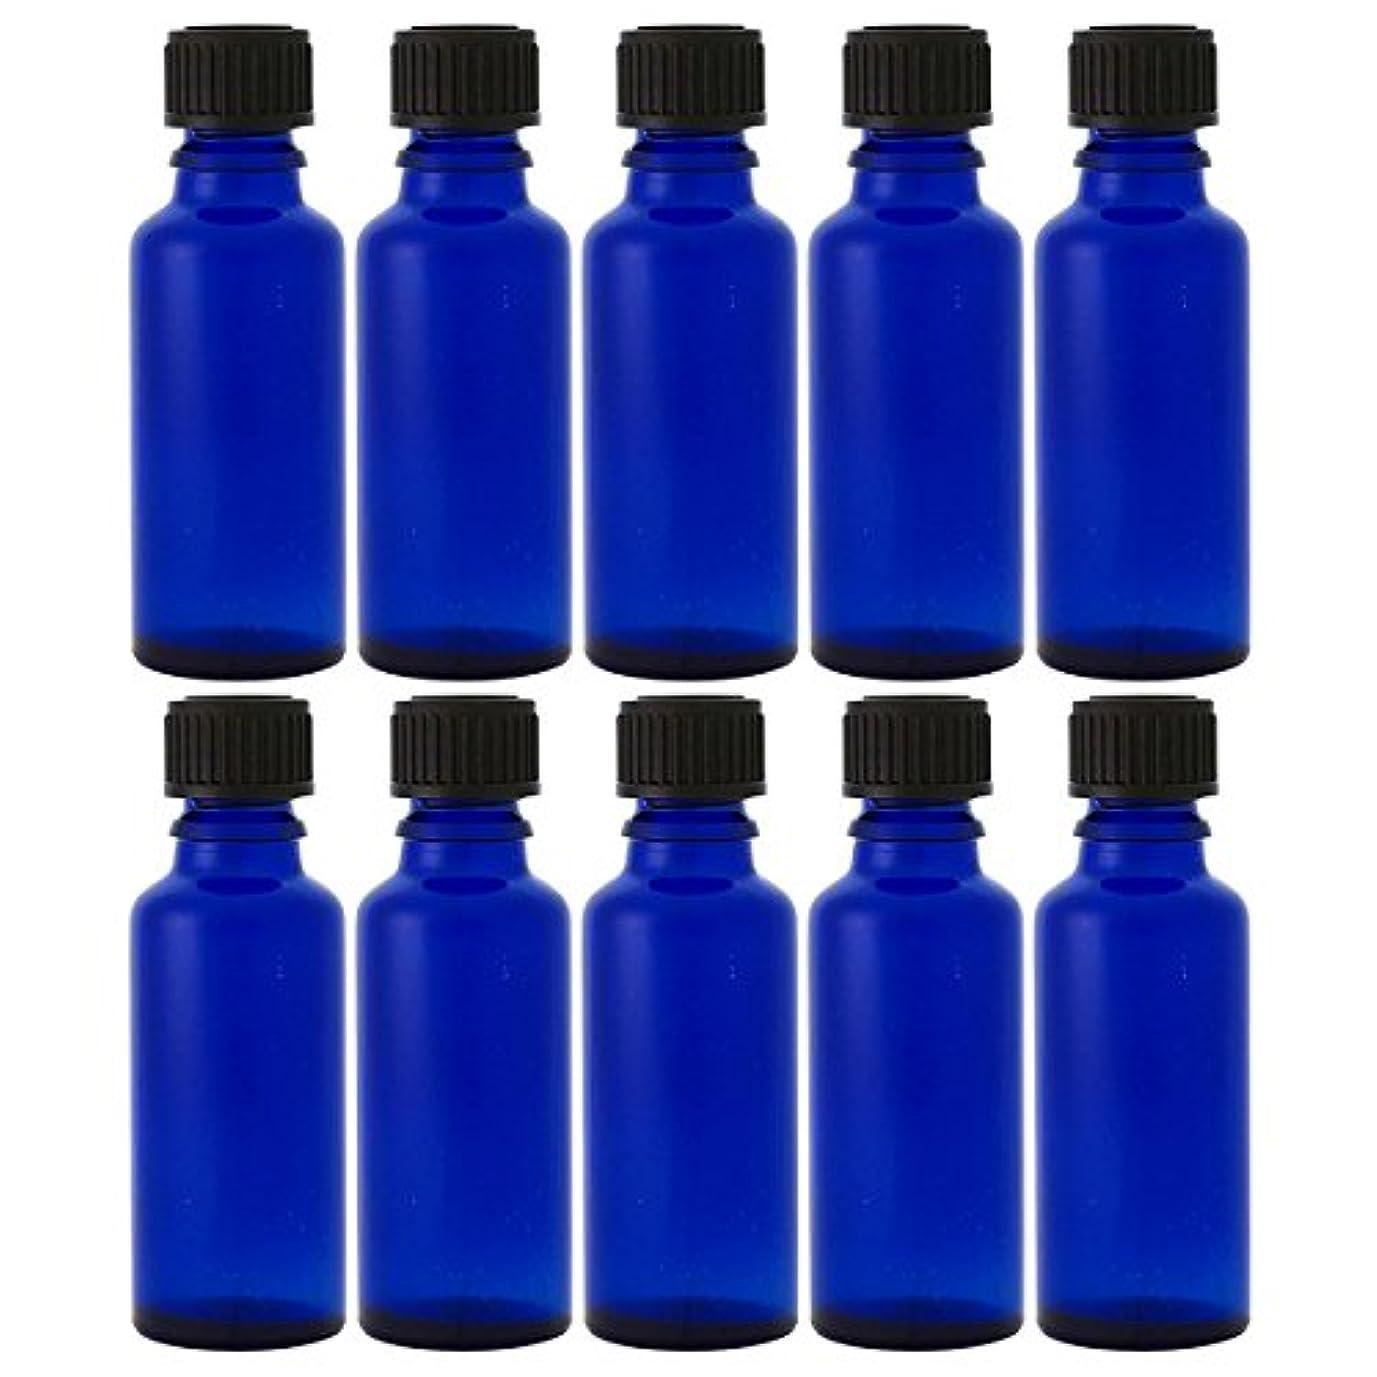 青色遮光ビン 50ml (ドロッパー付) 10本セット